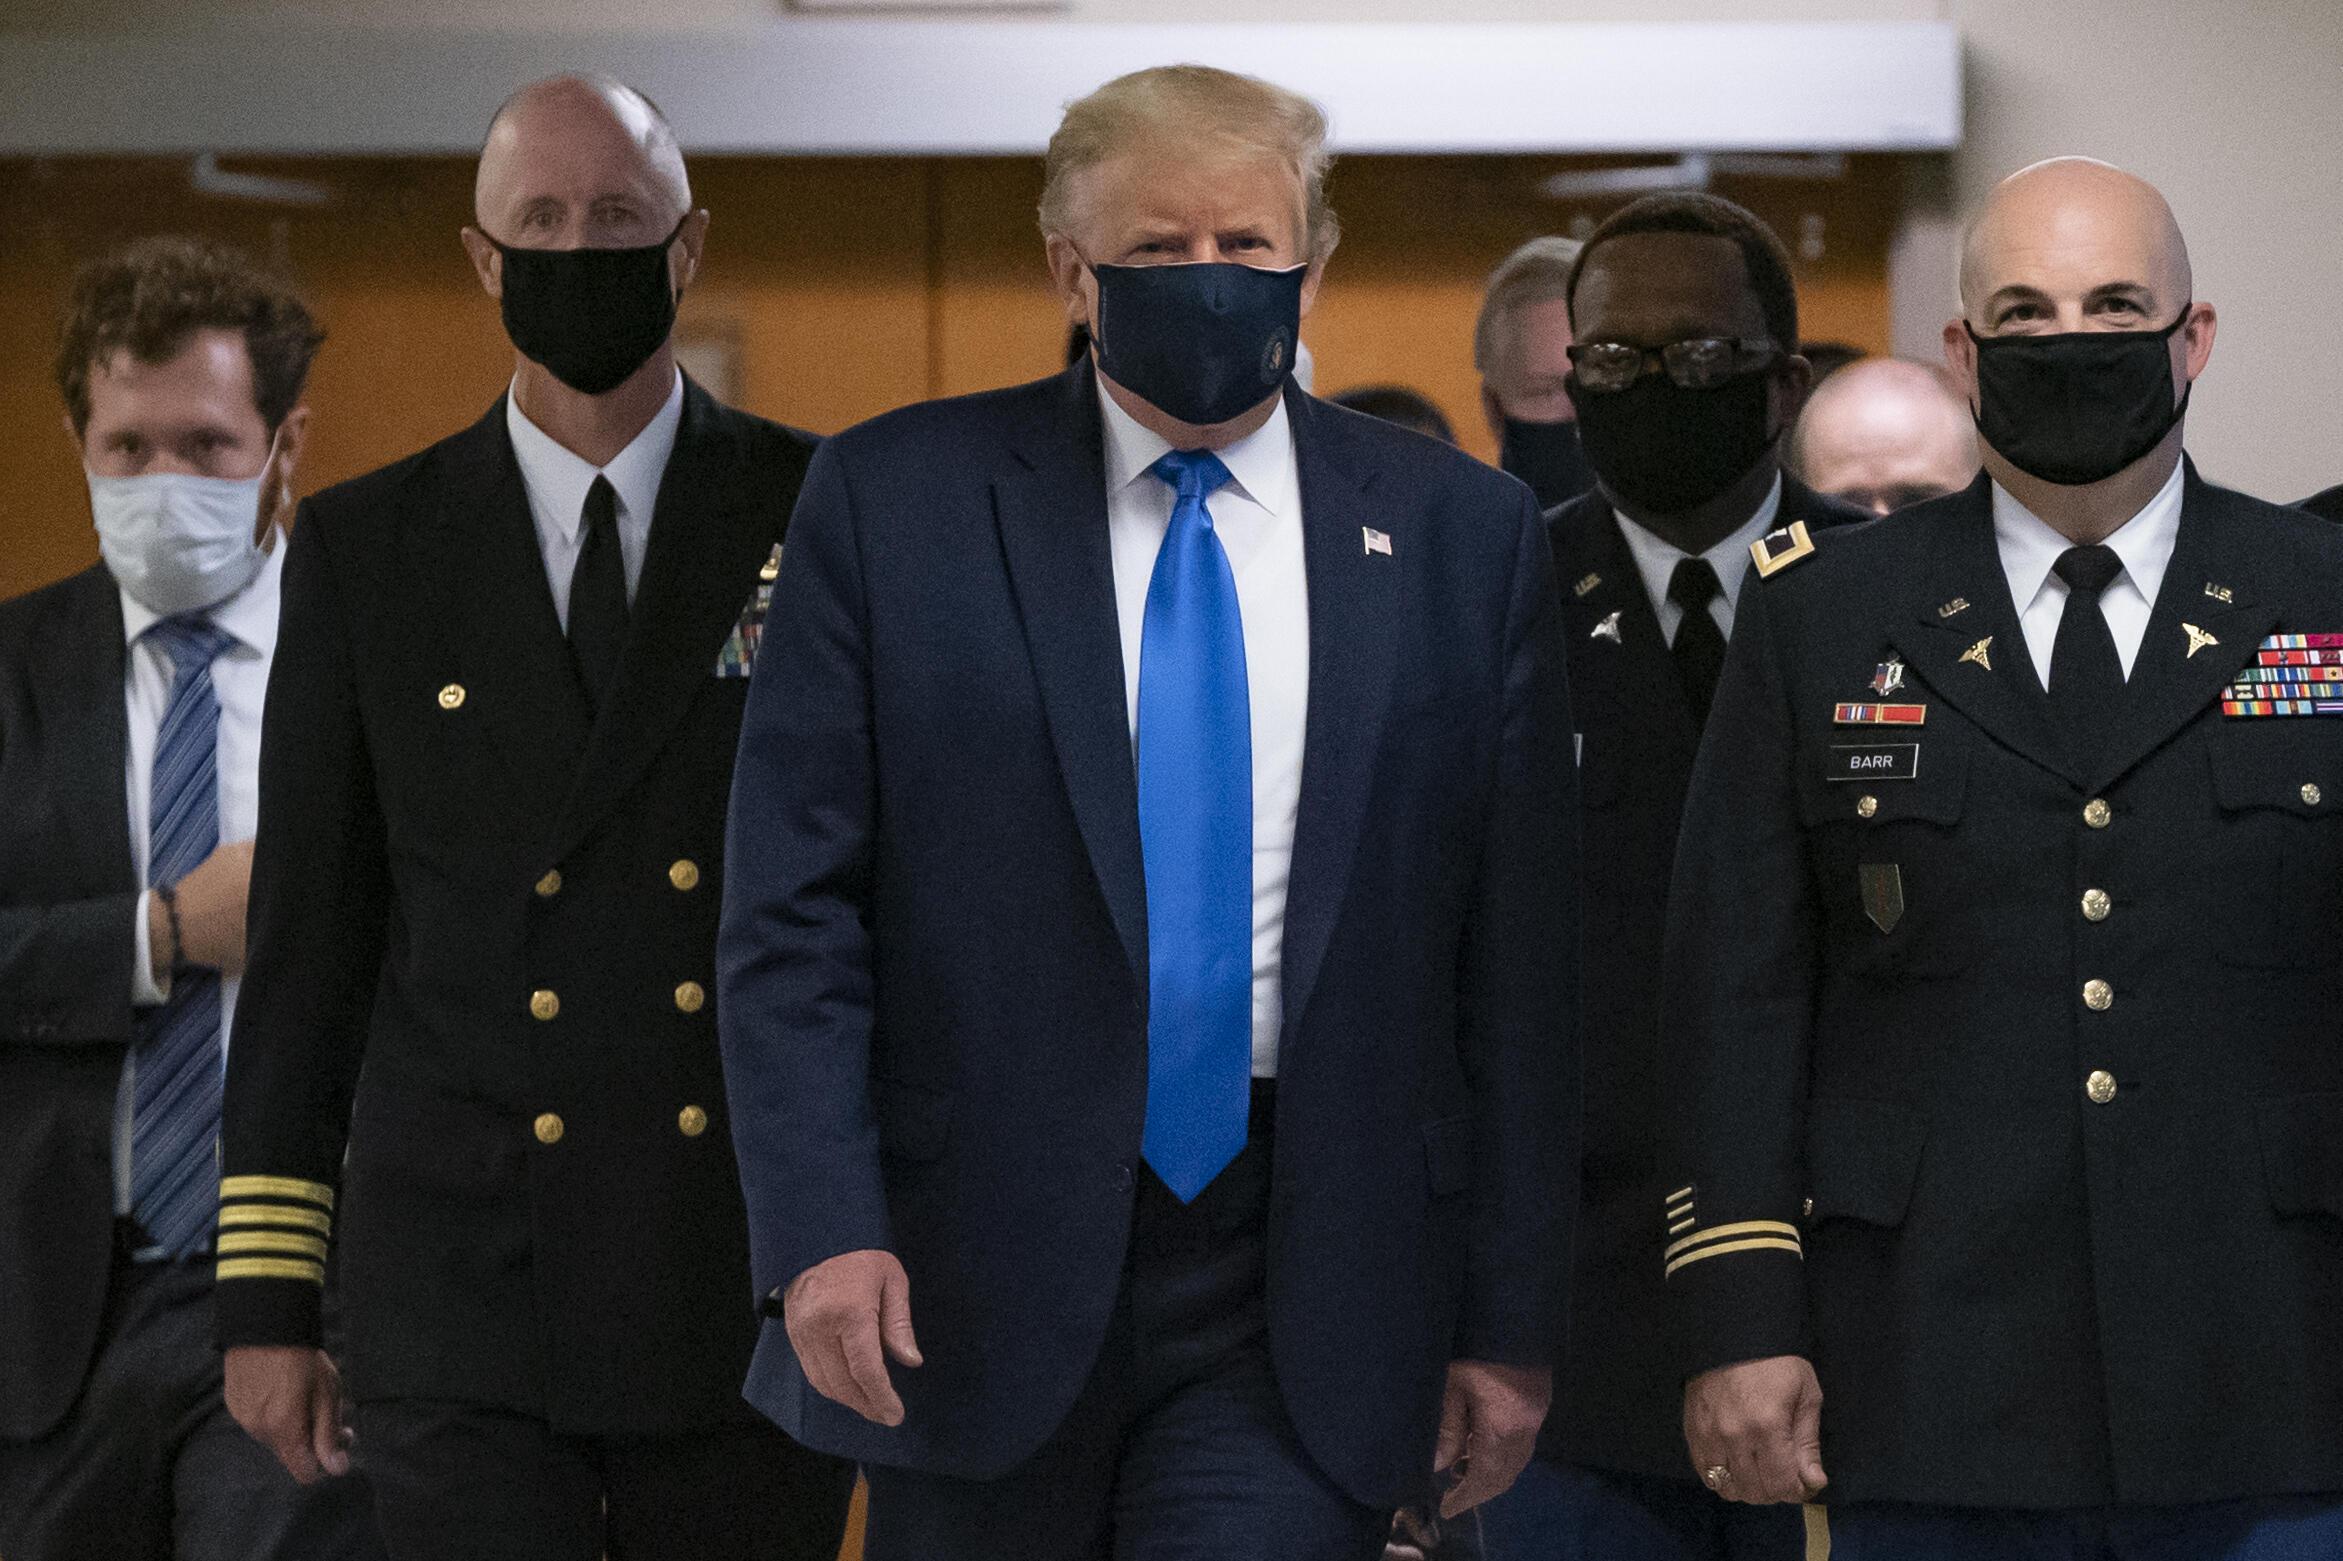 El presidente de Estados Unidos Donald Trump usa un tapabocas por primera vez en público, en su visita al hospital militar Walter Reed, en el estado de Maryland, el 11 de julio de 2020